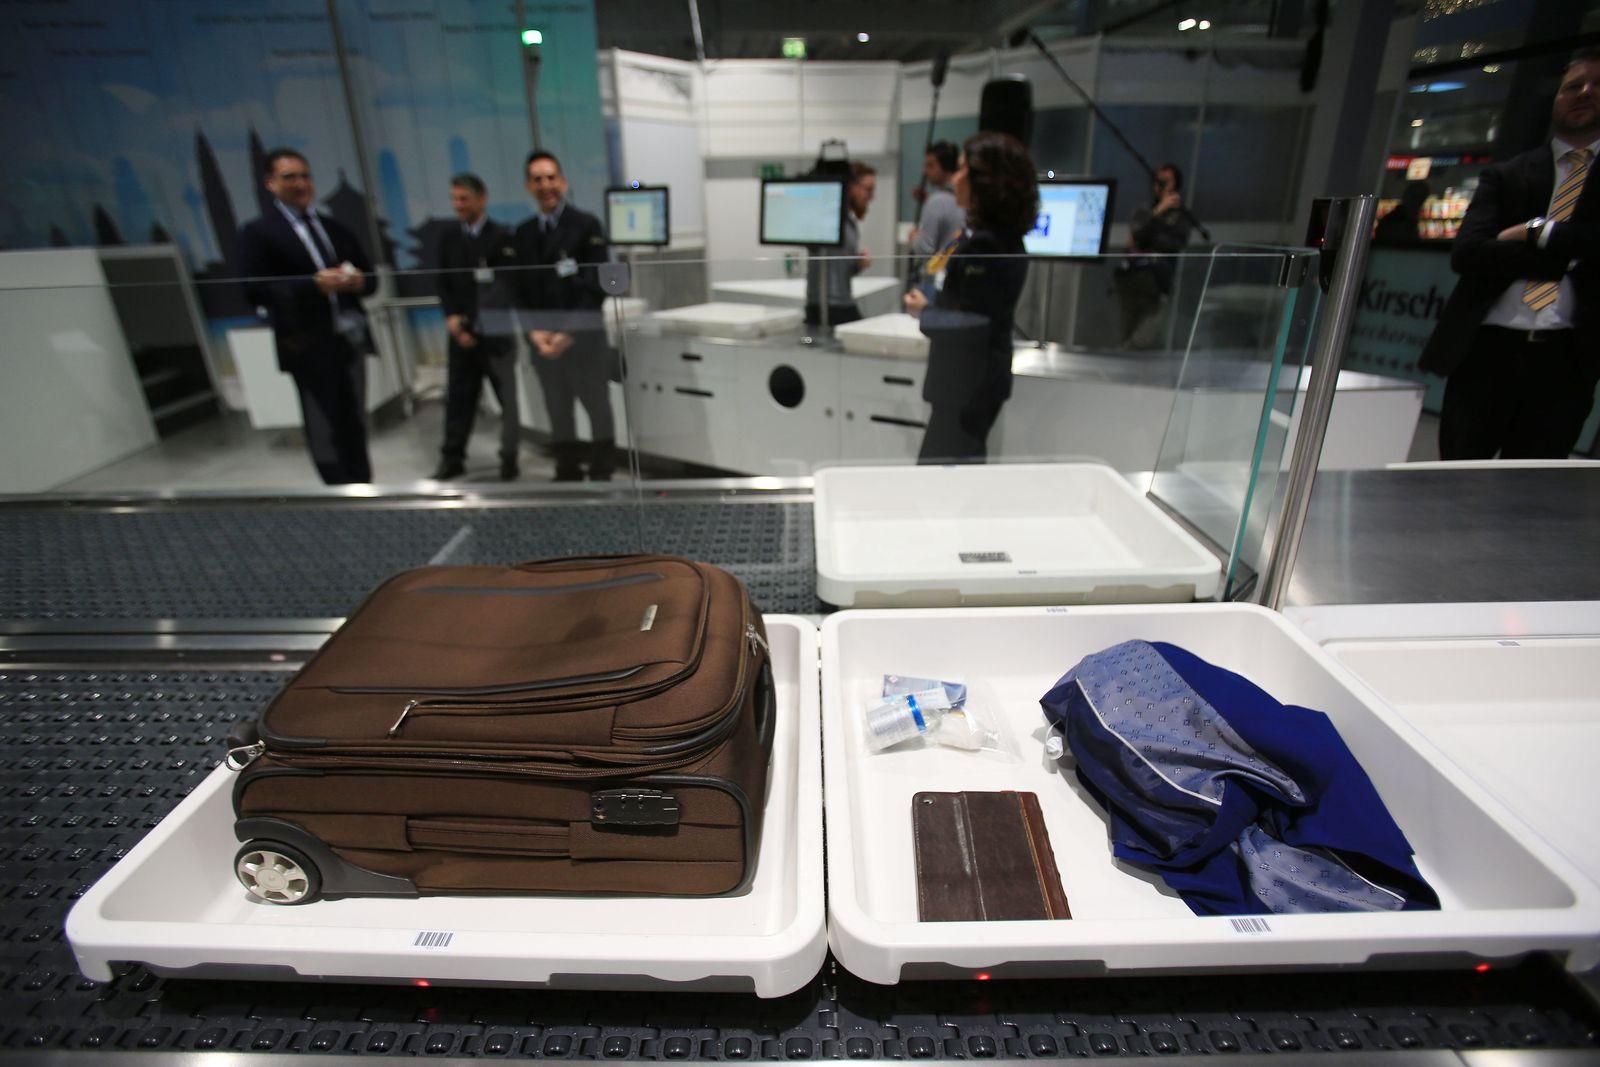 Probe eines neues Systems bei Flughafen-Sicherheitskontrollen